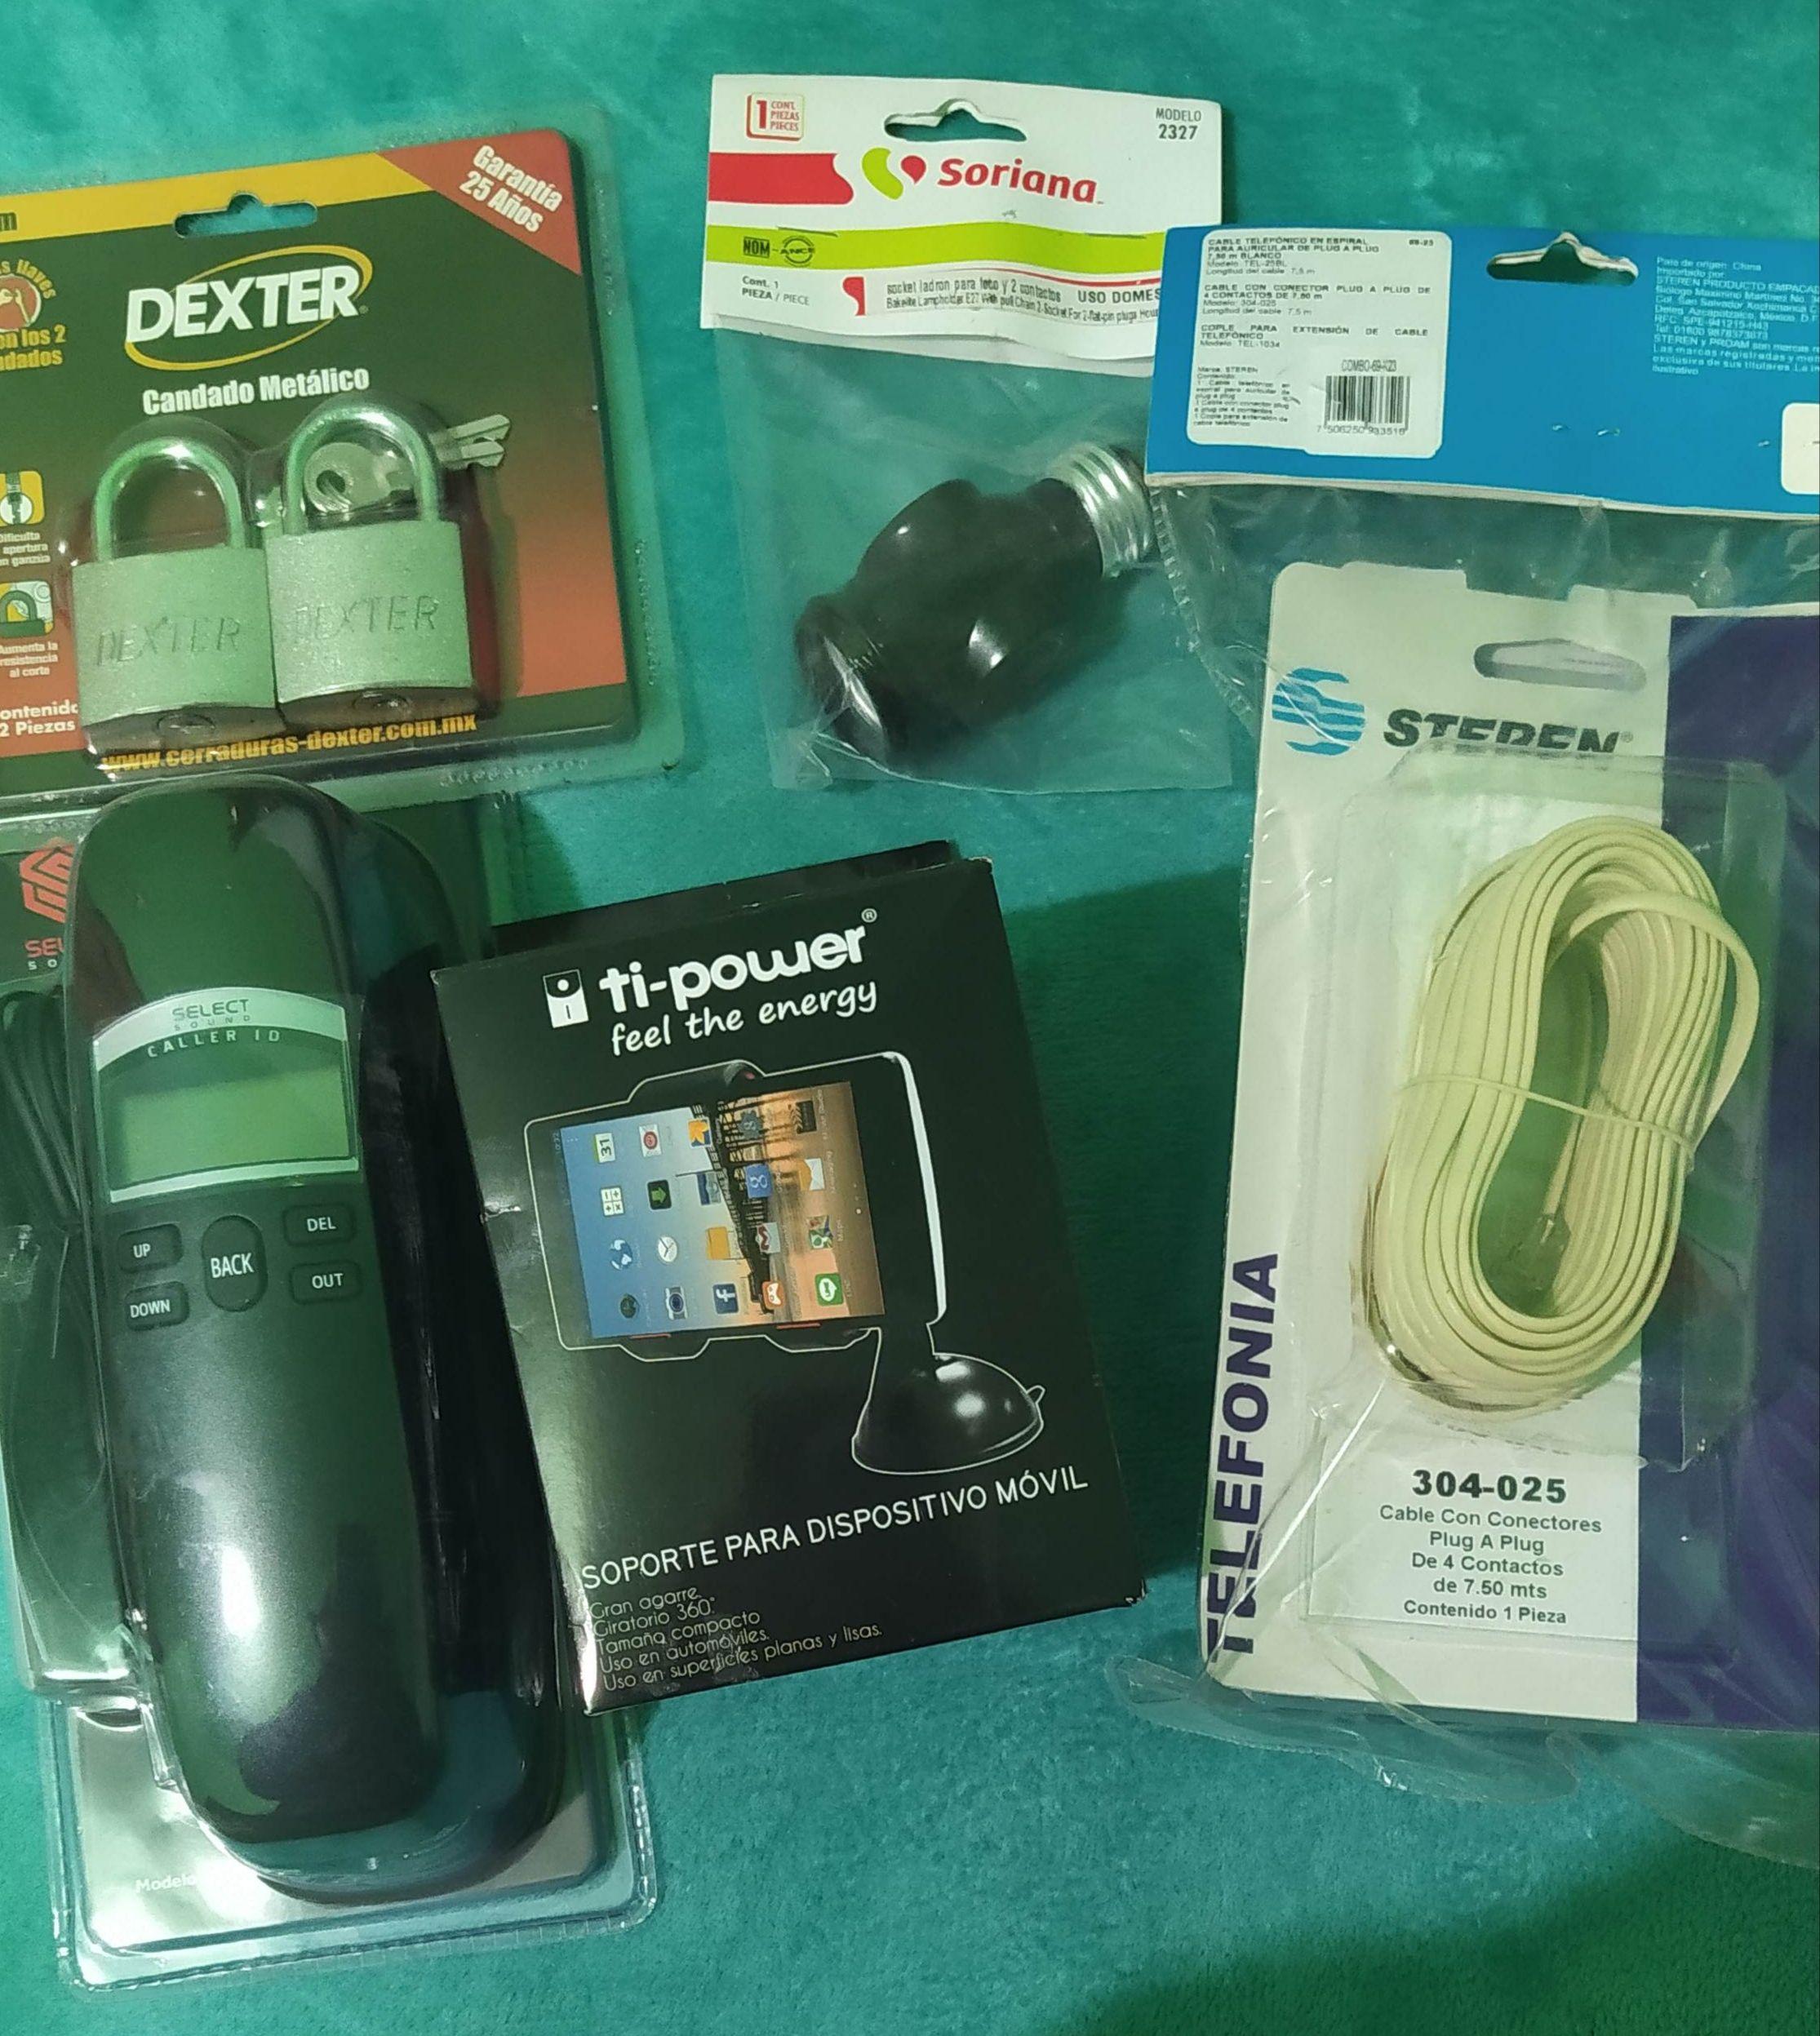 Soriana Metepec Plaza las Américas: Candado, teléfono, combo cable, soportes para teléfono, ladrón, cubrevolante auto y más